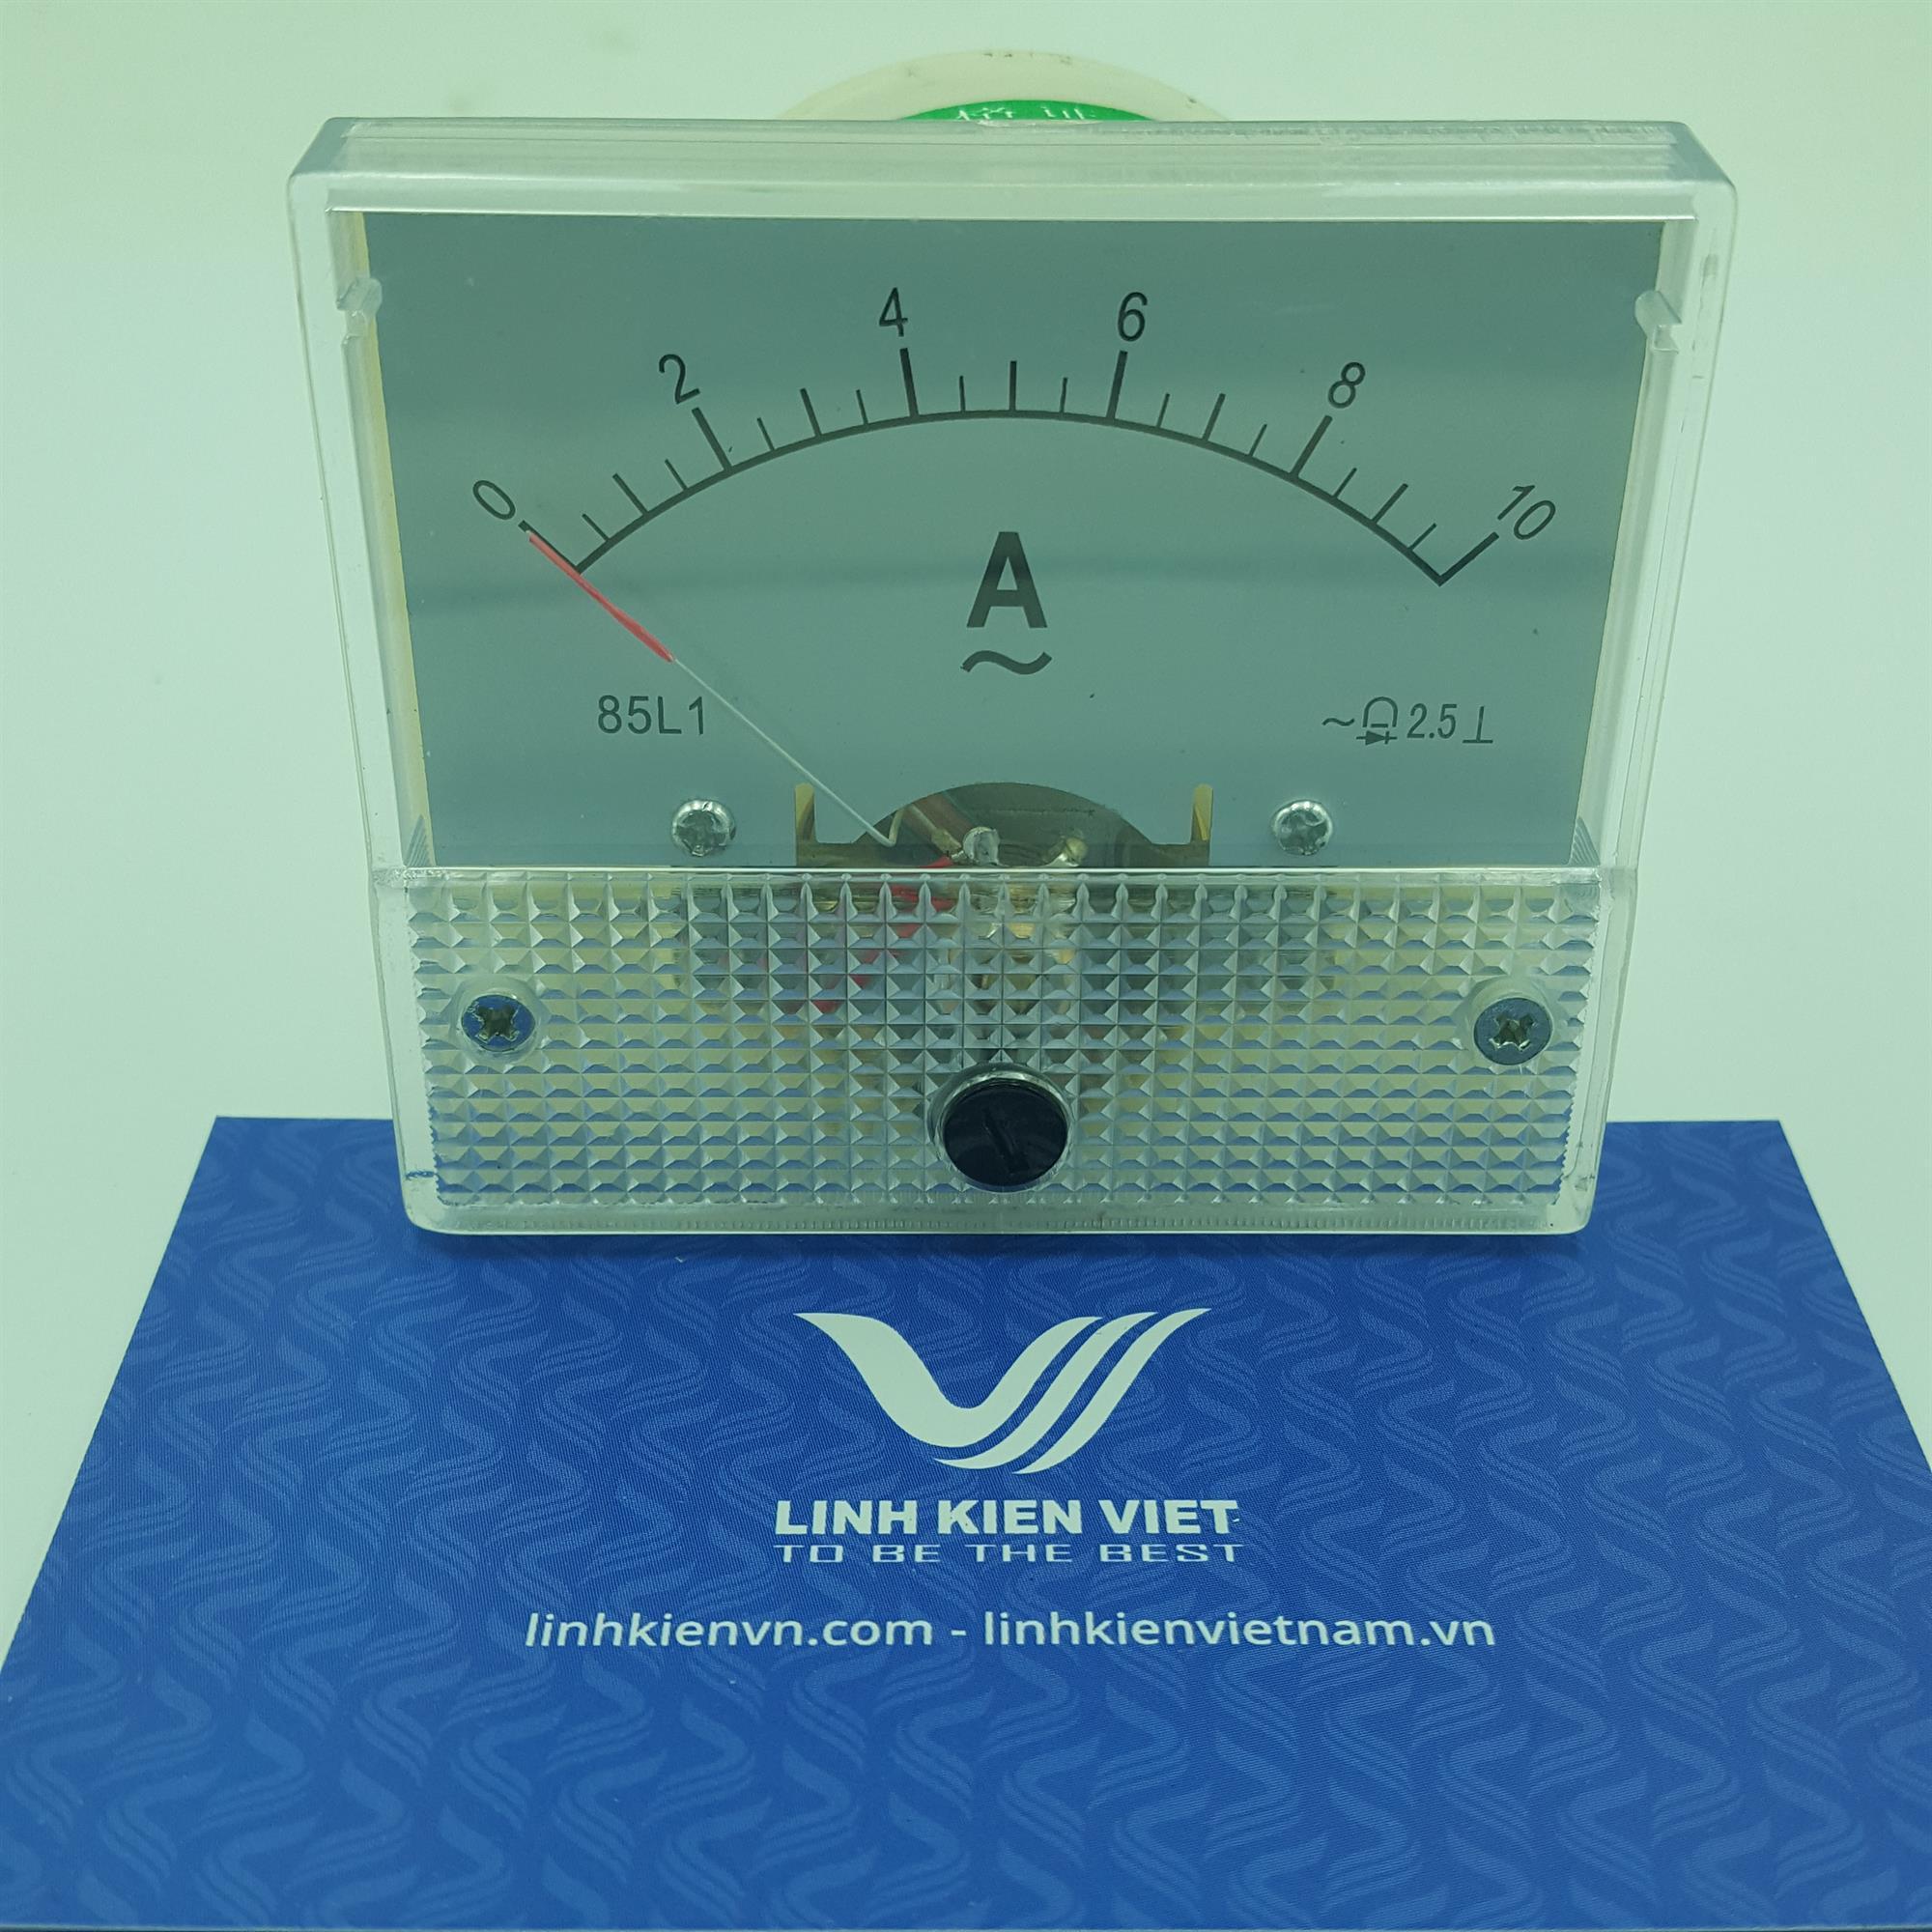 Đồng hồ đo dòng điện AC 85L1 10A/ Ampe kế 85L1 (0-10A) - J5H11